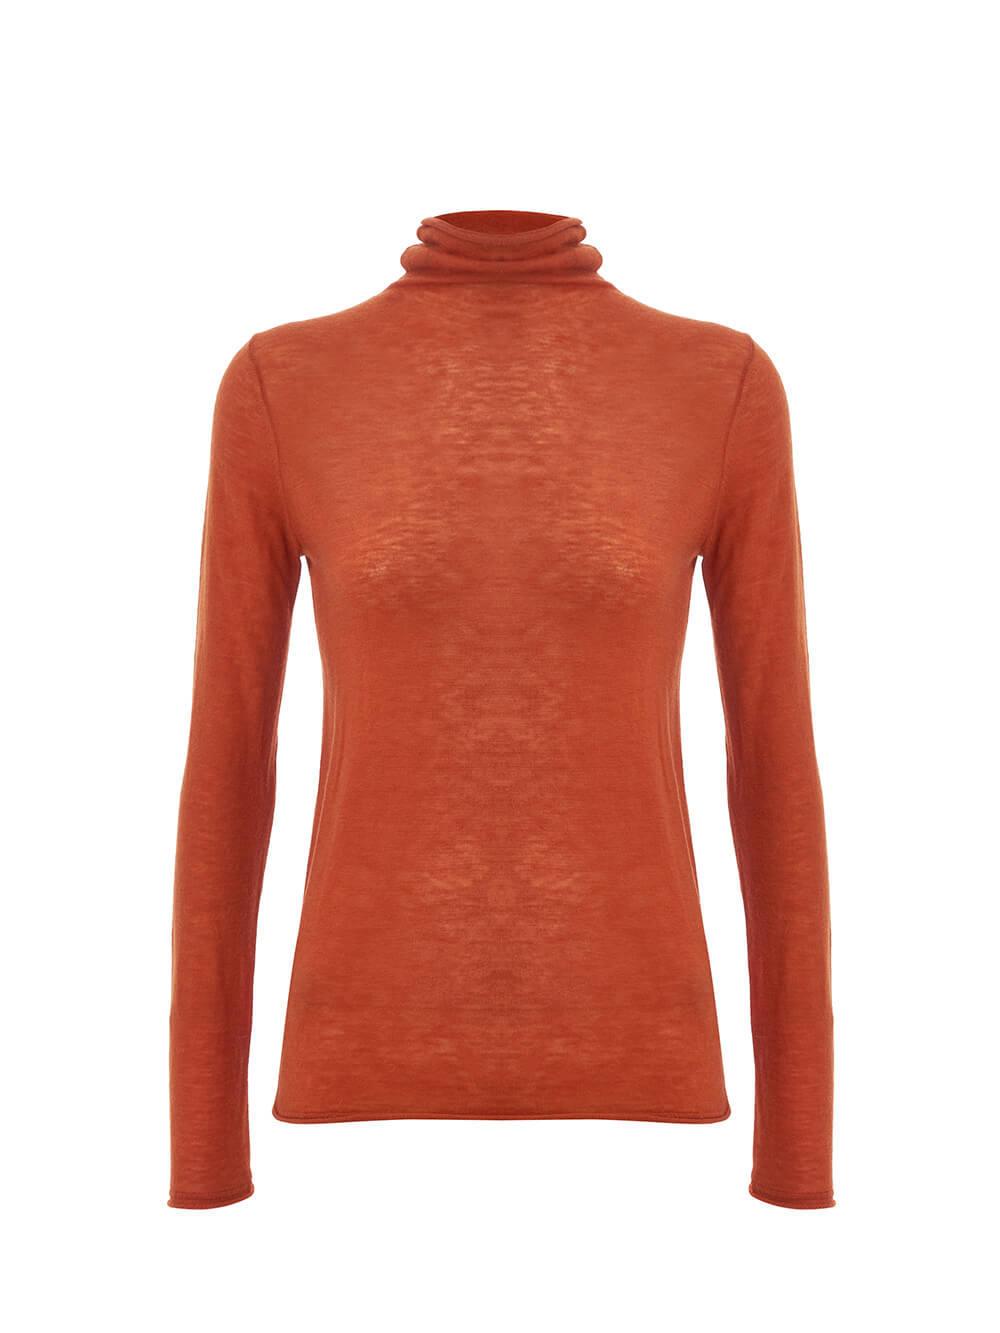 Женский джемпер оранжевого цвета из 100% шерсти - фото 1